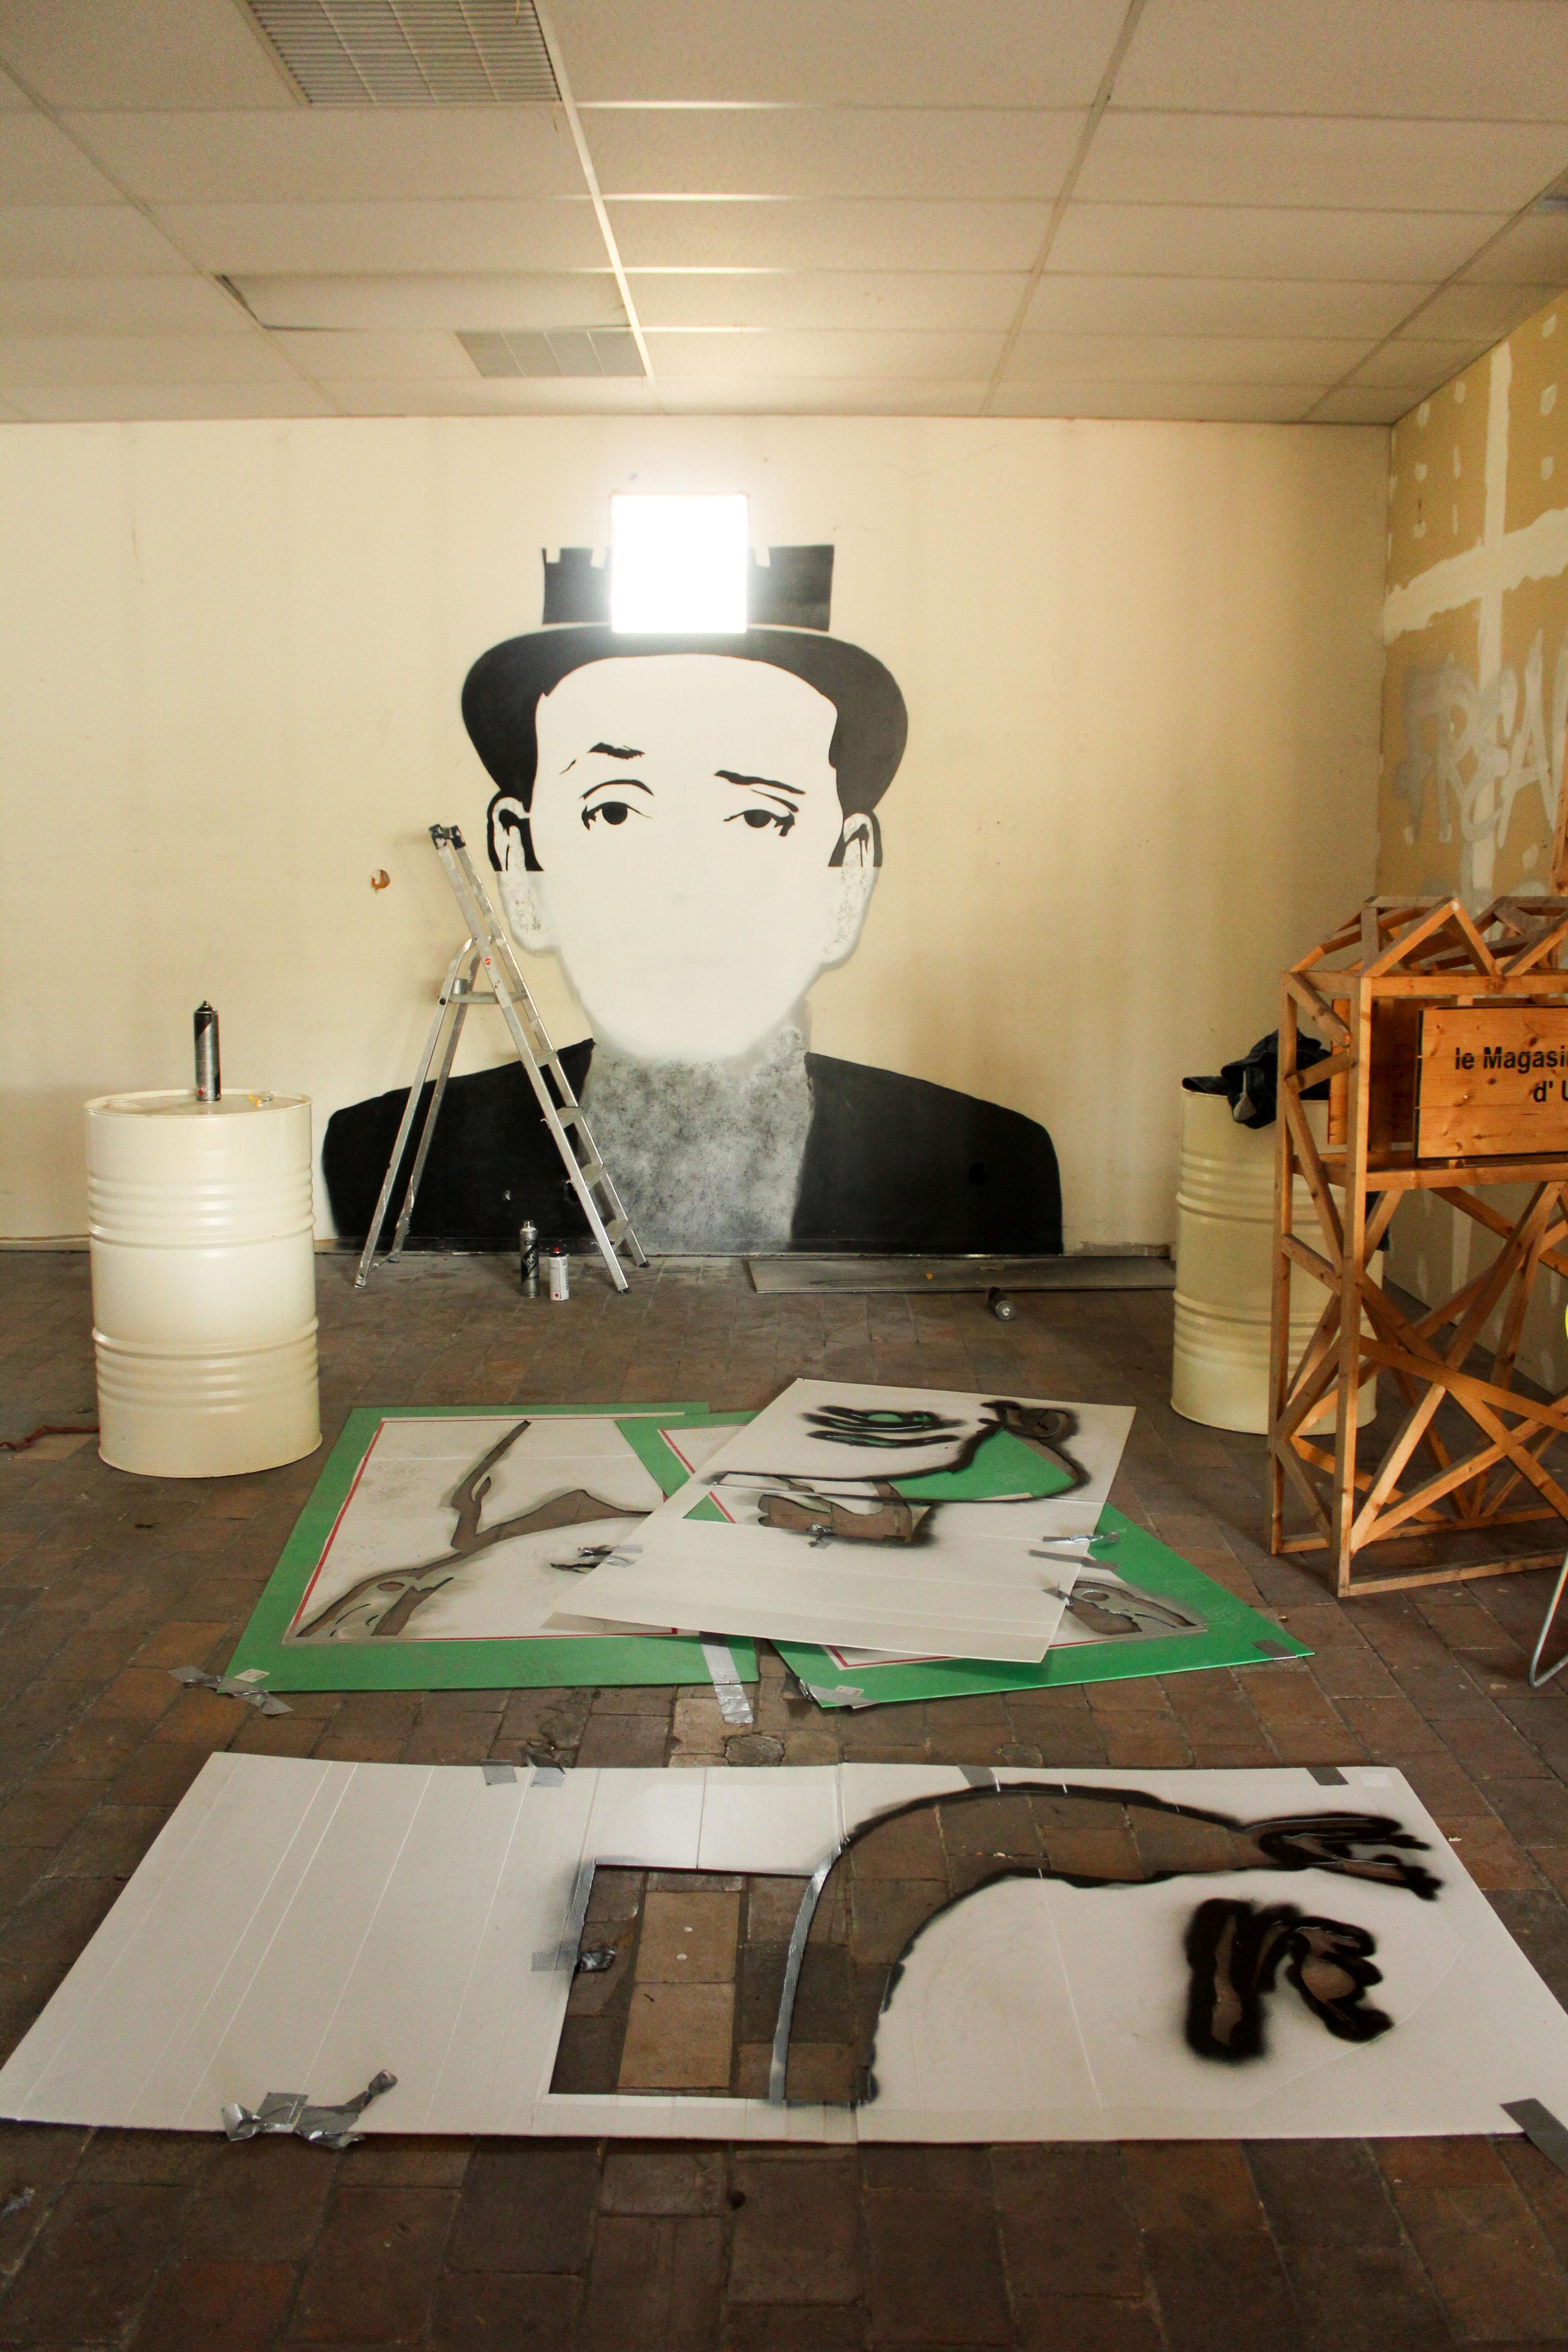 ateliers remysco streetart roubaix wat19